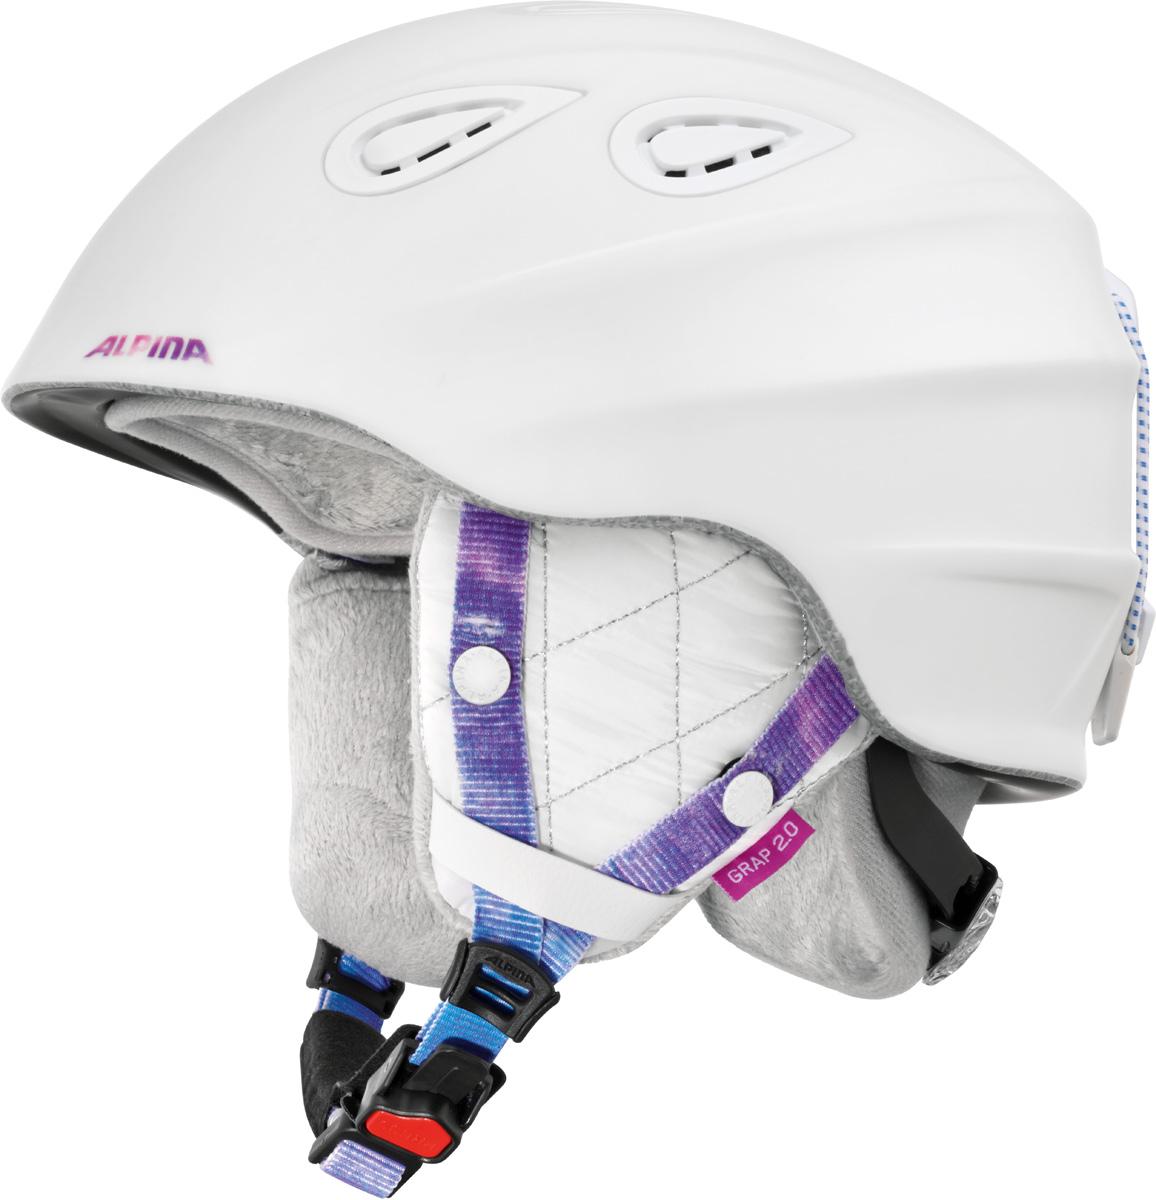 Шлем горнолыжный Alpina Grap 2.0 LE, цвет: белый. A9094_11. Размер 54-57A9094_11Шлем горнолыжный Alpina Grap 2.0 LE - одна из самых популярных моделей в каталоге горнолыжных шлемов Alpina. Надежный, многоцелевой шлем для широкого круга райдеров. L.E. - Limited Edition - ограниченная серия шлемов, выполненная в уникальной расцветке.Интенсивность воздушного потока можно регулировать. Вентиляционные отверстия шлема могут быть открыты и закрыты раздвижным механизмом.Съемные ушки-амбушюры можно снять за секунду и сложить в карман лыжной куртки. Если вы наслаждаетесь катанием в начале апреля, такая возможность должна вас порадовать. А когда температура снова упадет - щелк и вкладыш снова на месте.Внутренник шлема легко вынимается, стирается, сушится и вставляется обратно.Прочная и легкая конструкция In-mold. Тонкая и прочная поликарбонатная оболочка под воздействием высокой температуры и давления буквально сплавляется с гранулами EPS, которые гасят ударную нагрузку.Внутренняя оболочка каждого шлема Alpina состоит из гранул HI-EPS (сильно вспененного полистирола). Микроскопические воздушные карманы эффективно поглощают ударную нагрузку и обеспечивают высокую теплоизоляцию. Эта технология позволяет достичь минимальной толщины оболочки. А так как гранулы HI-EPS не впитывают влагу, их защитный эффект не ослабевает со временем.Из задней части шлема можно достать шейный утеплитель из мягкого микро-флиса. Этот теплый воротник также защищает шею от ударов на высокой скорости и при сибирских морозах. В удобной конструкции отсутствуют точки давления на шею.Вместо фастекса на ремешке используется красная кнопка с автоматическим запирающим механизмом, которую легко использовать даже в лыжных перчатках. Механизм защищен от произвольного раскрытия при падении.Ручка регулировки Run System Classic в задней части шлема позволяет за мгновение комфортно усадить шлем на затылке.Y-образный ремнераспределитель двух ремешков находится под ухом и обеспечивает быструю и точную посадку шлема на го